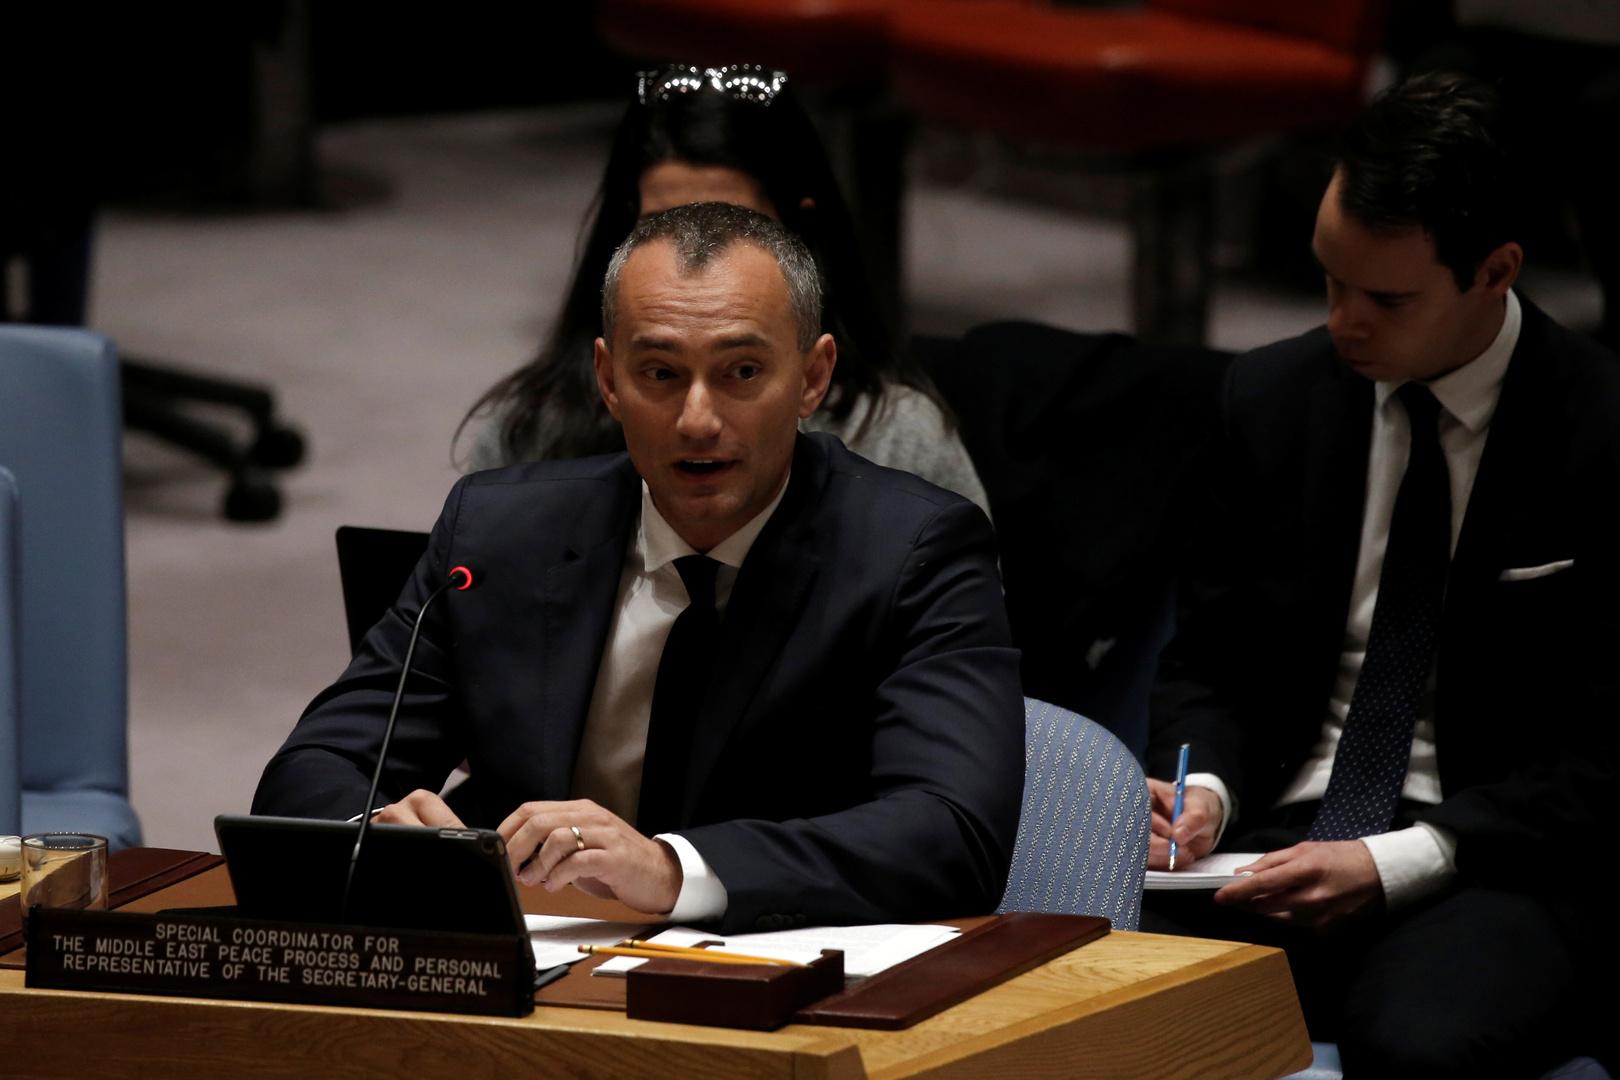 الأمم المتحدة: على إسرائيل التراجع عن تهديداتها بضم أجزاء من الضفة